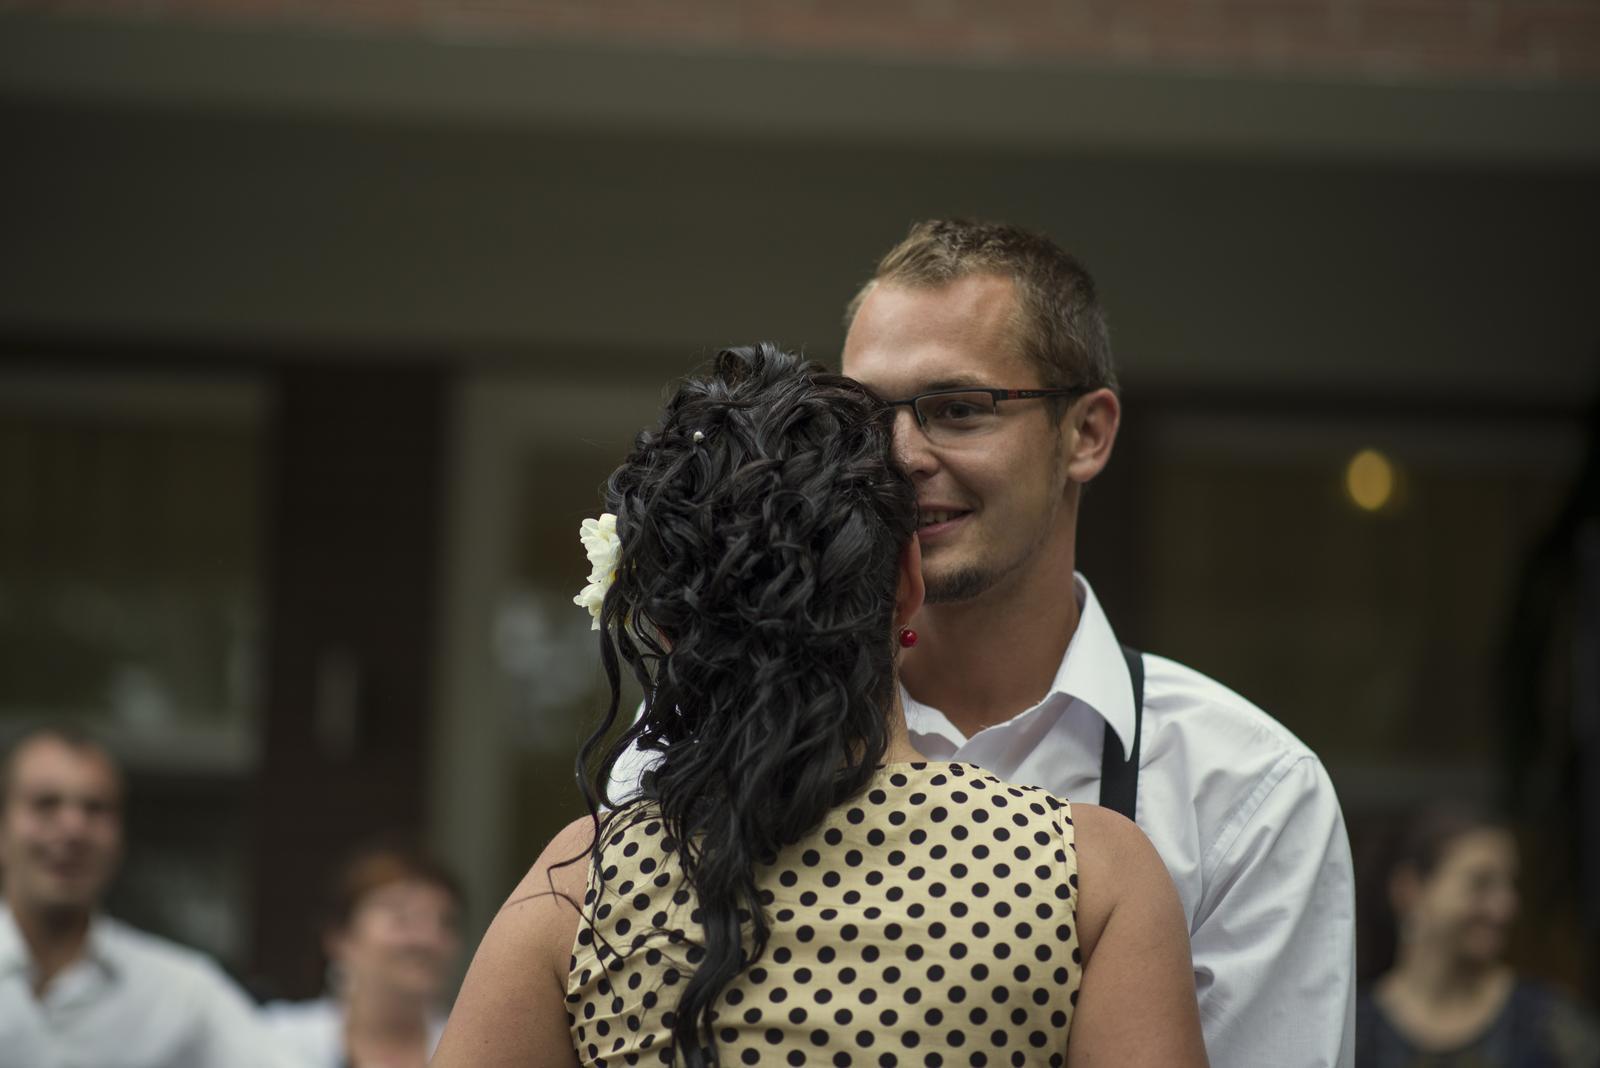 Deniska{{_AND_}}Honzík :) - Náš první tanec - All of me - John Legend..........:) ten pocit štěstí v tu chvíli........! Neskutečný...:) .........Photo Markét - Markéta Benešová